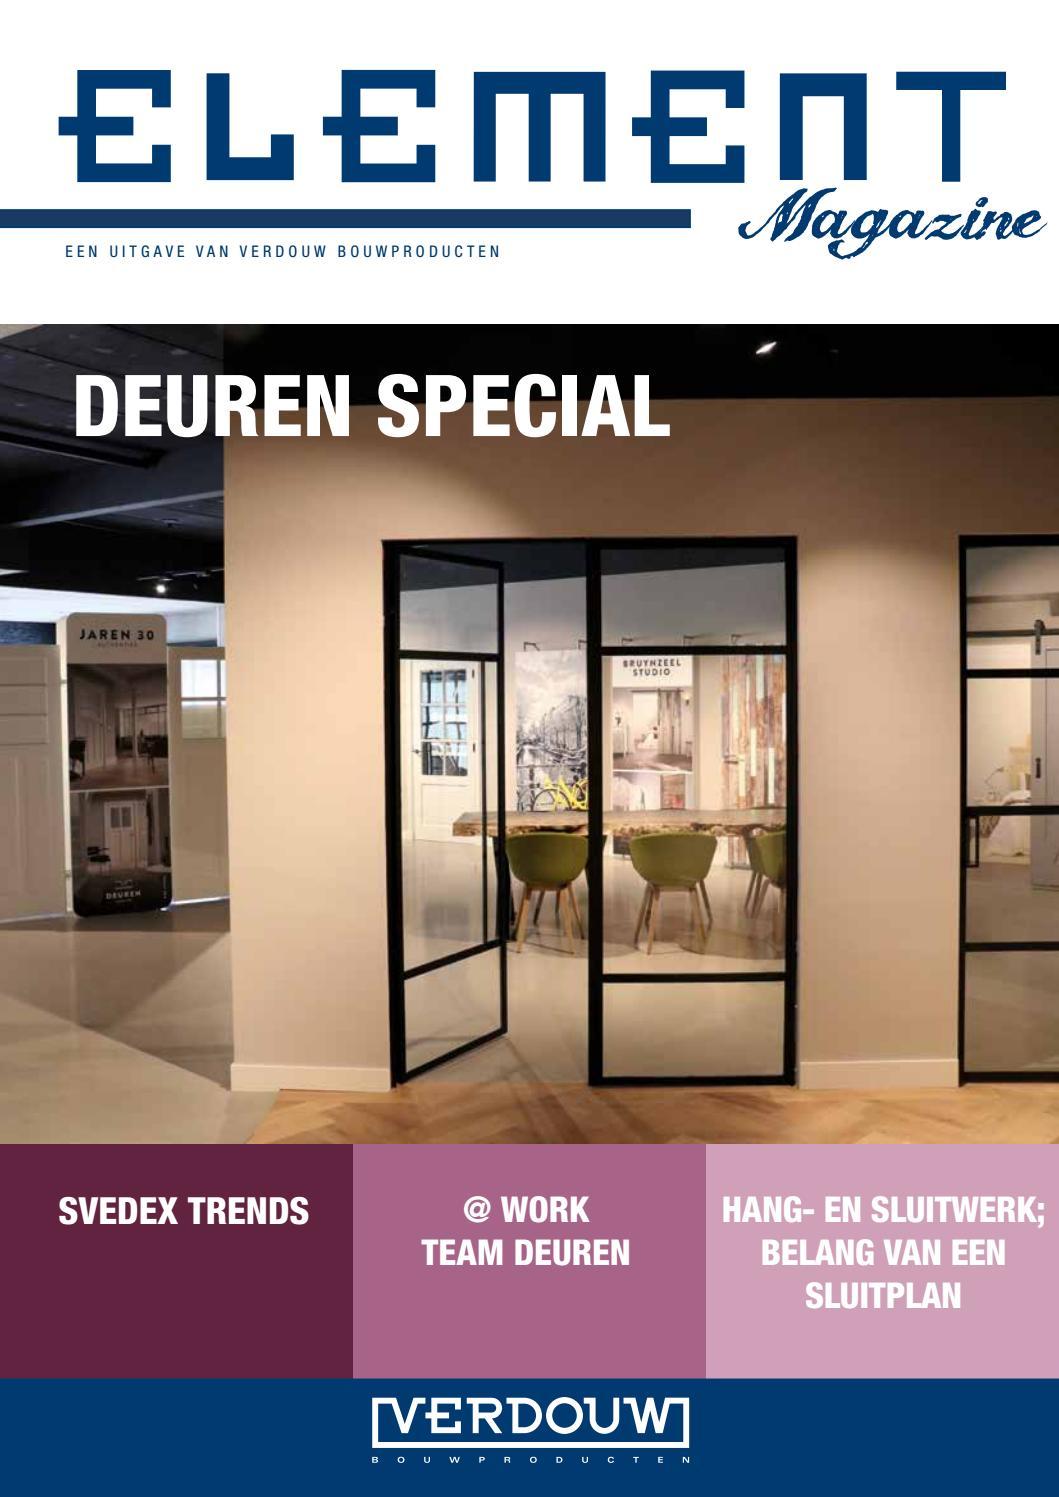 Element Deuren Special 2018 Verdouw Bouwproducten By